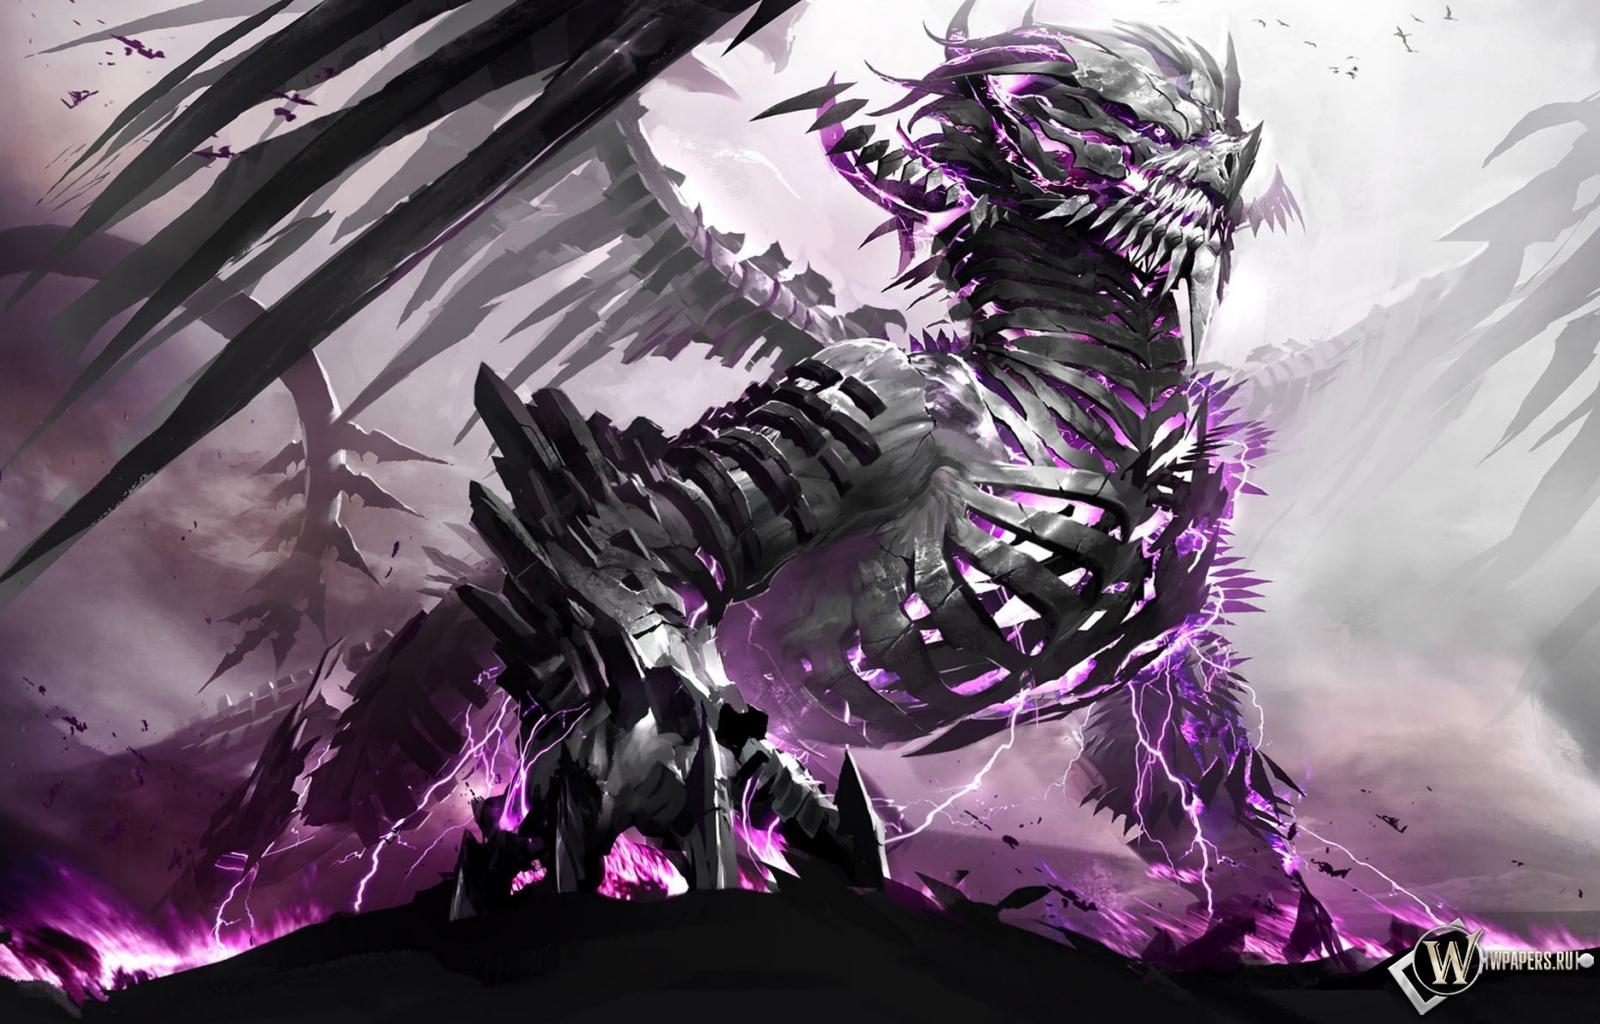 Обои зловещий дракон на рабочий стол с